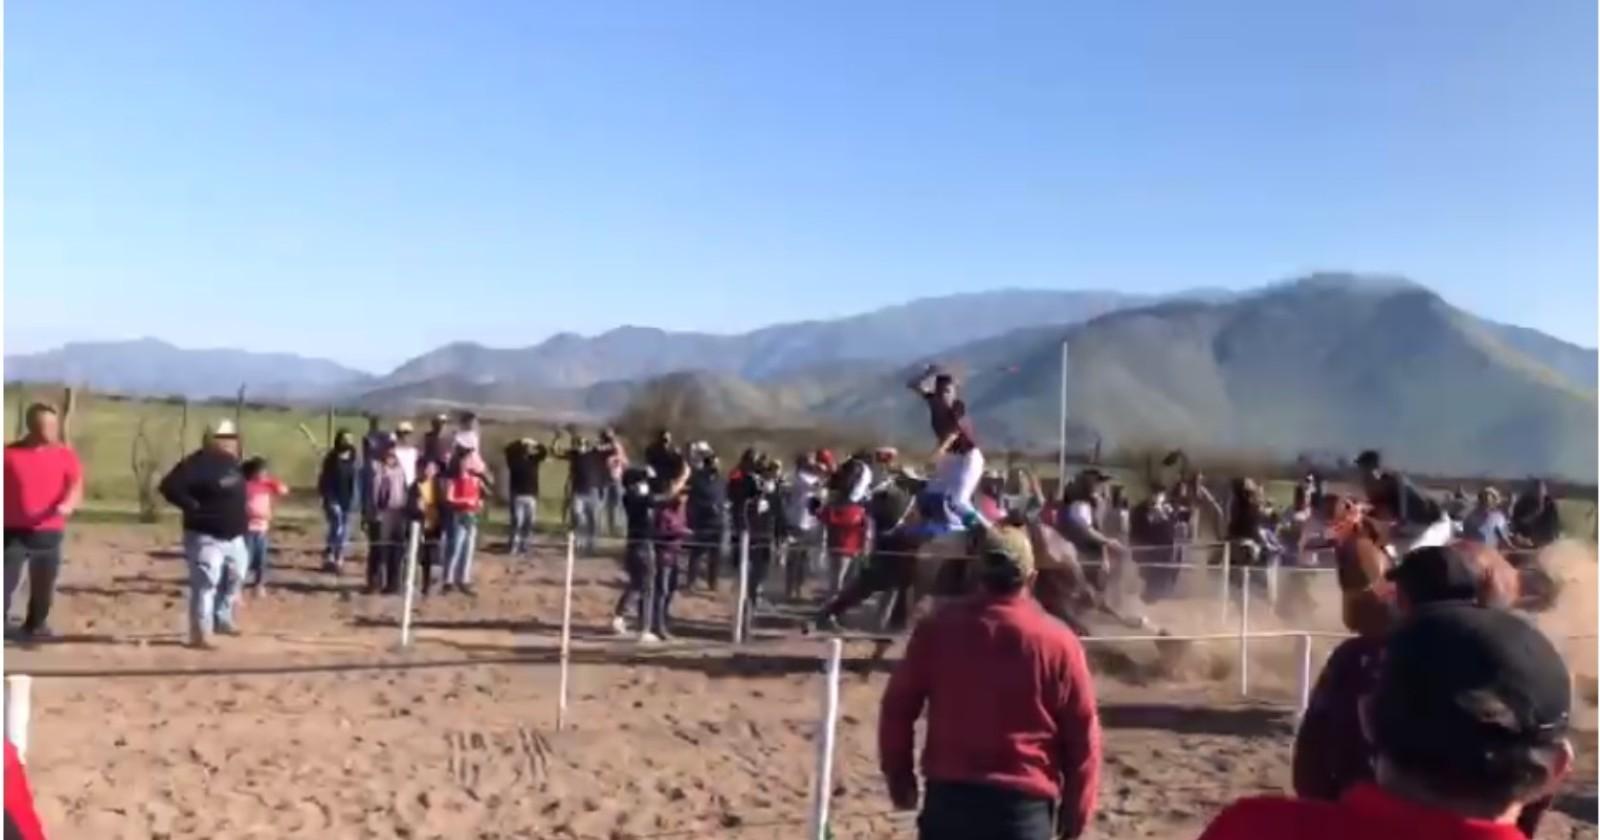 VIDEO – Más de 200 personas fueron sorprendidas en carreras de caballos clandestinas en Lampa